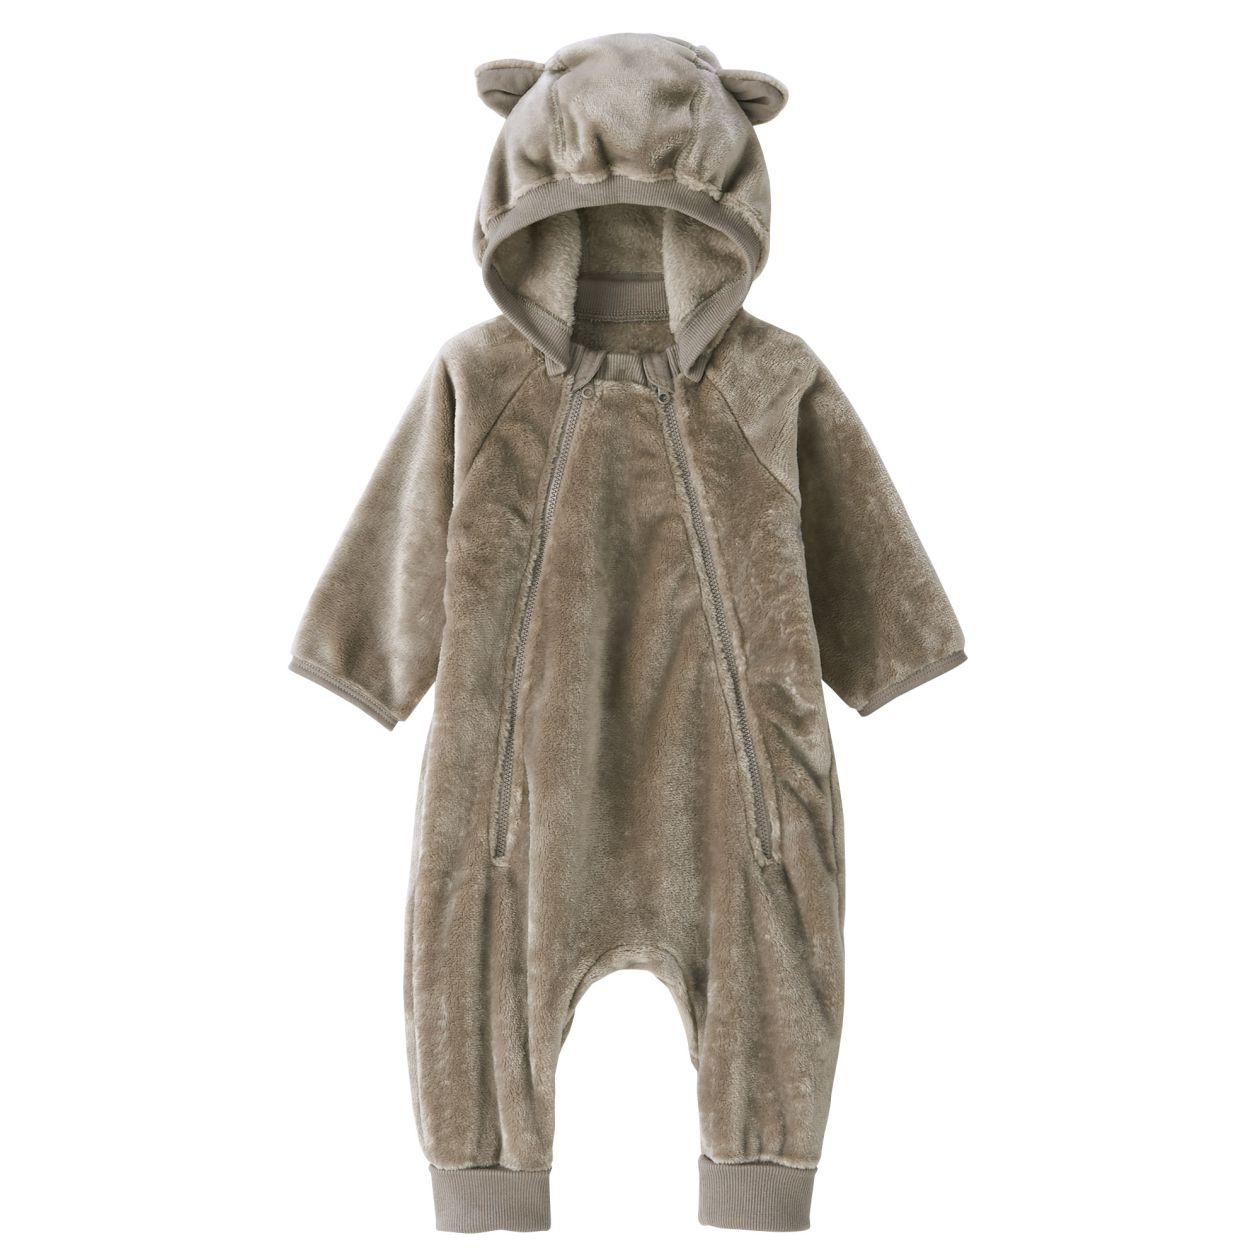 着る毛布オールインワン(ベビー)